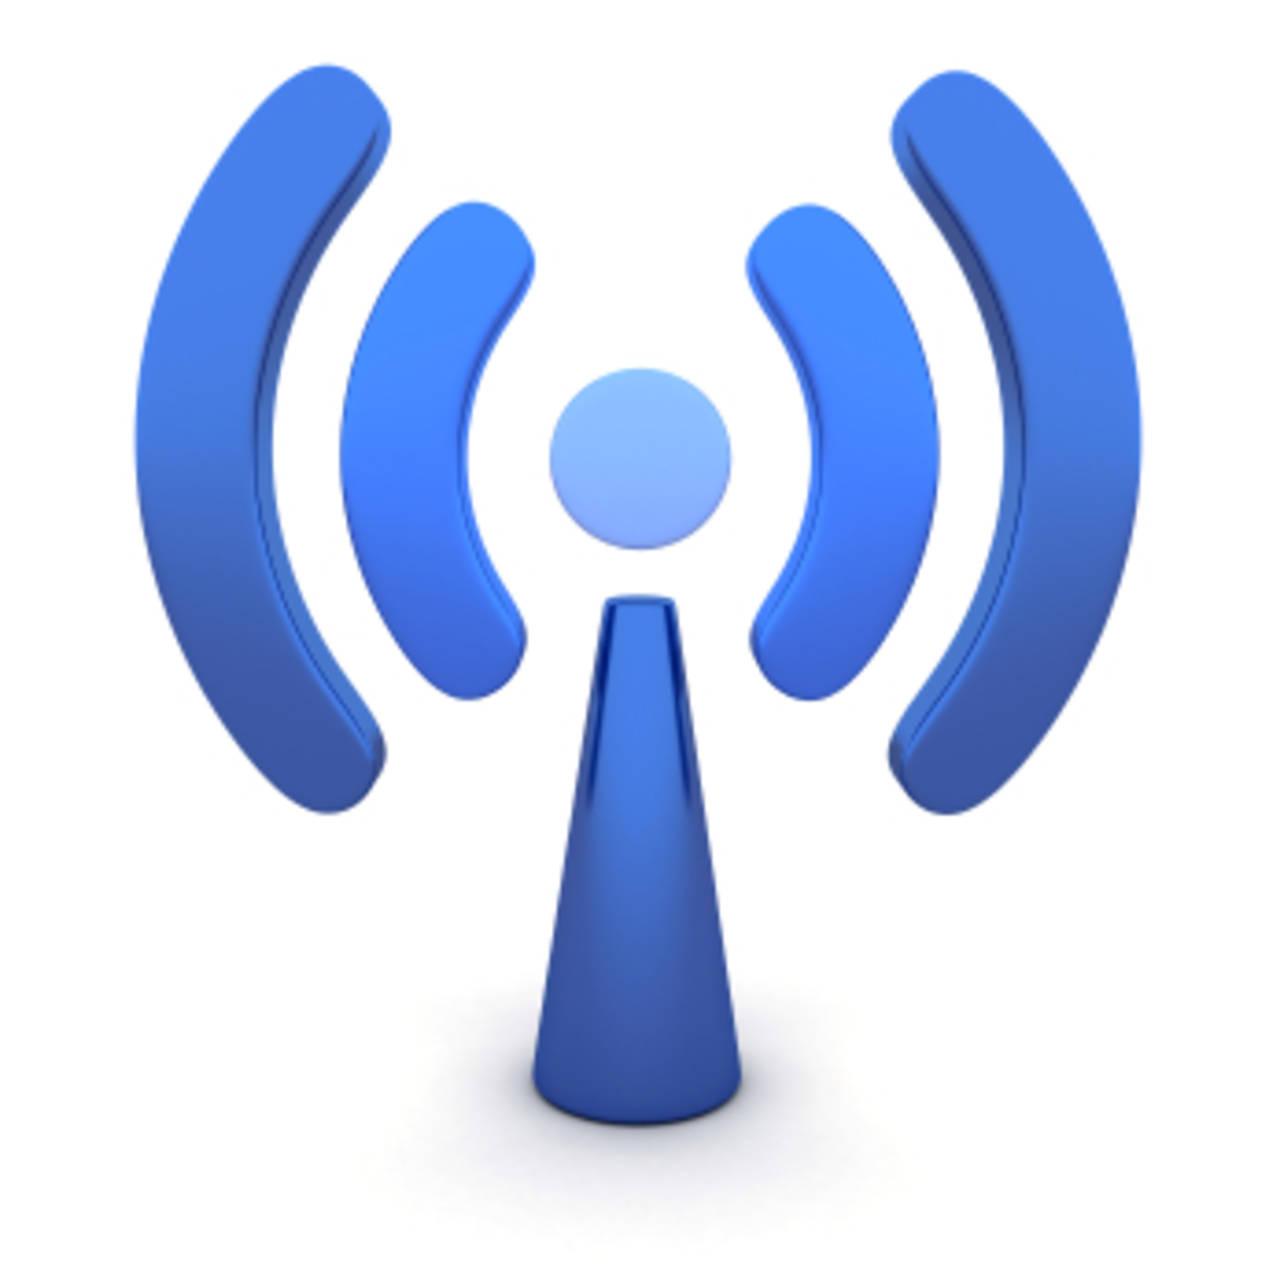 Incumplen en conectividad